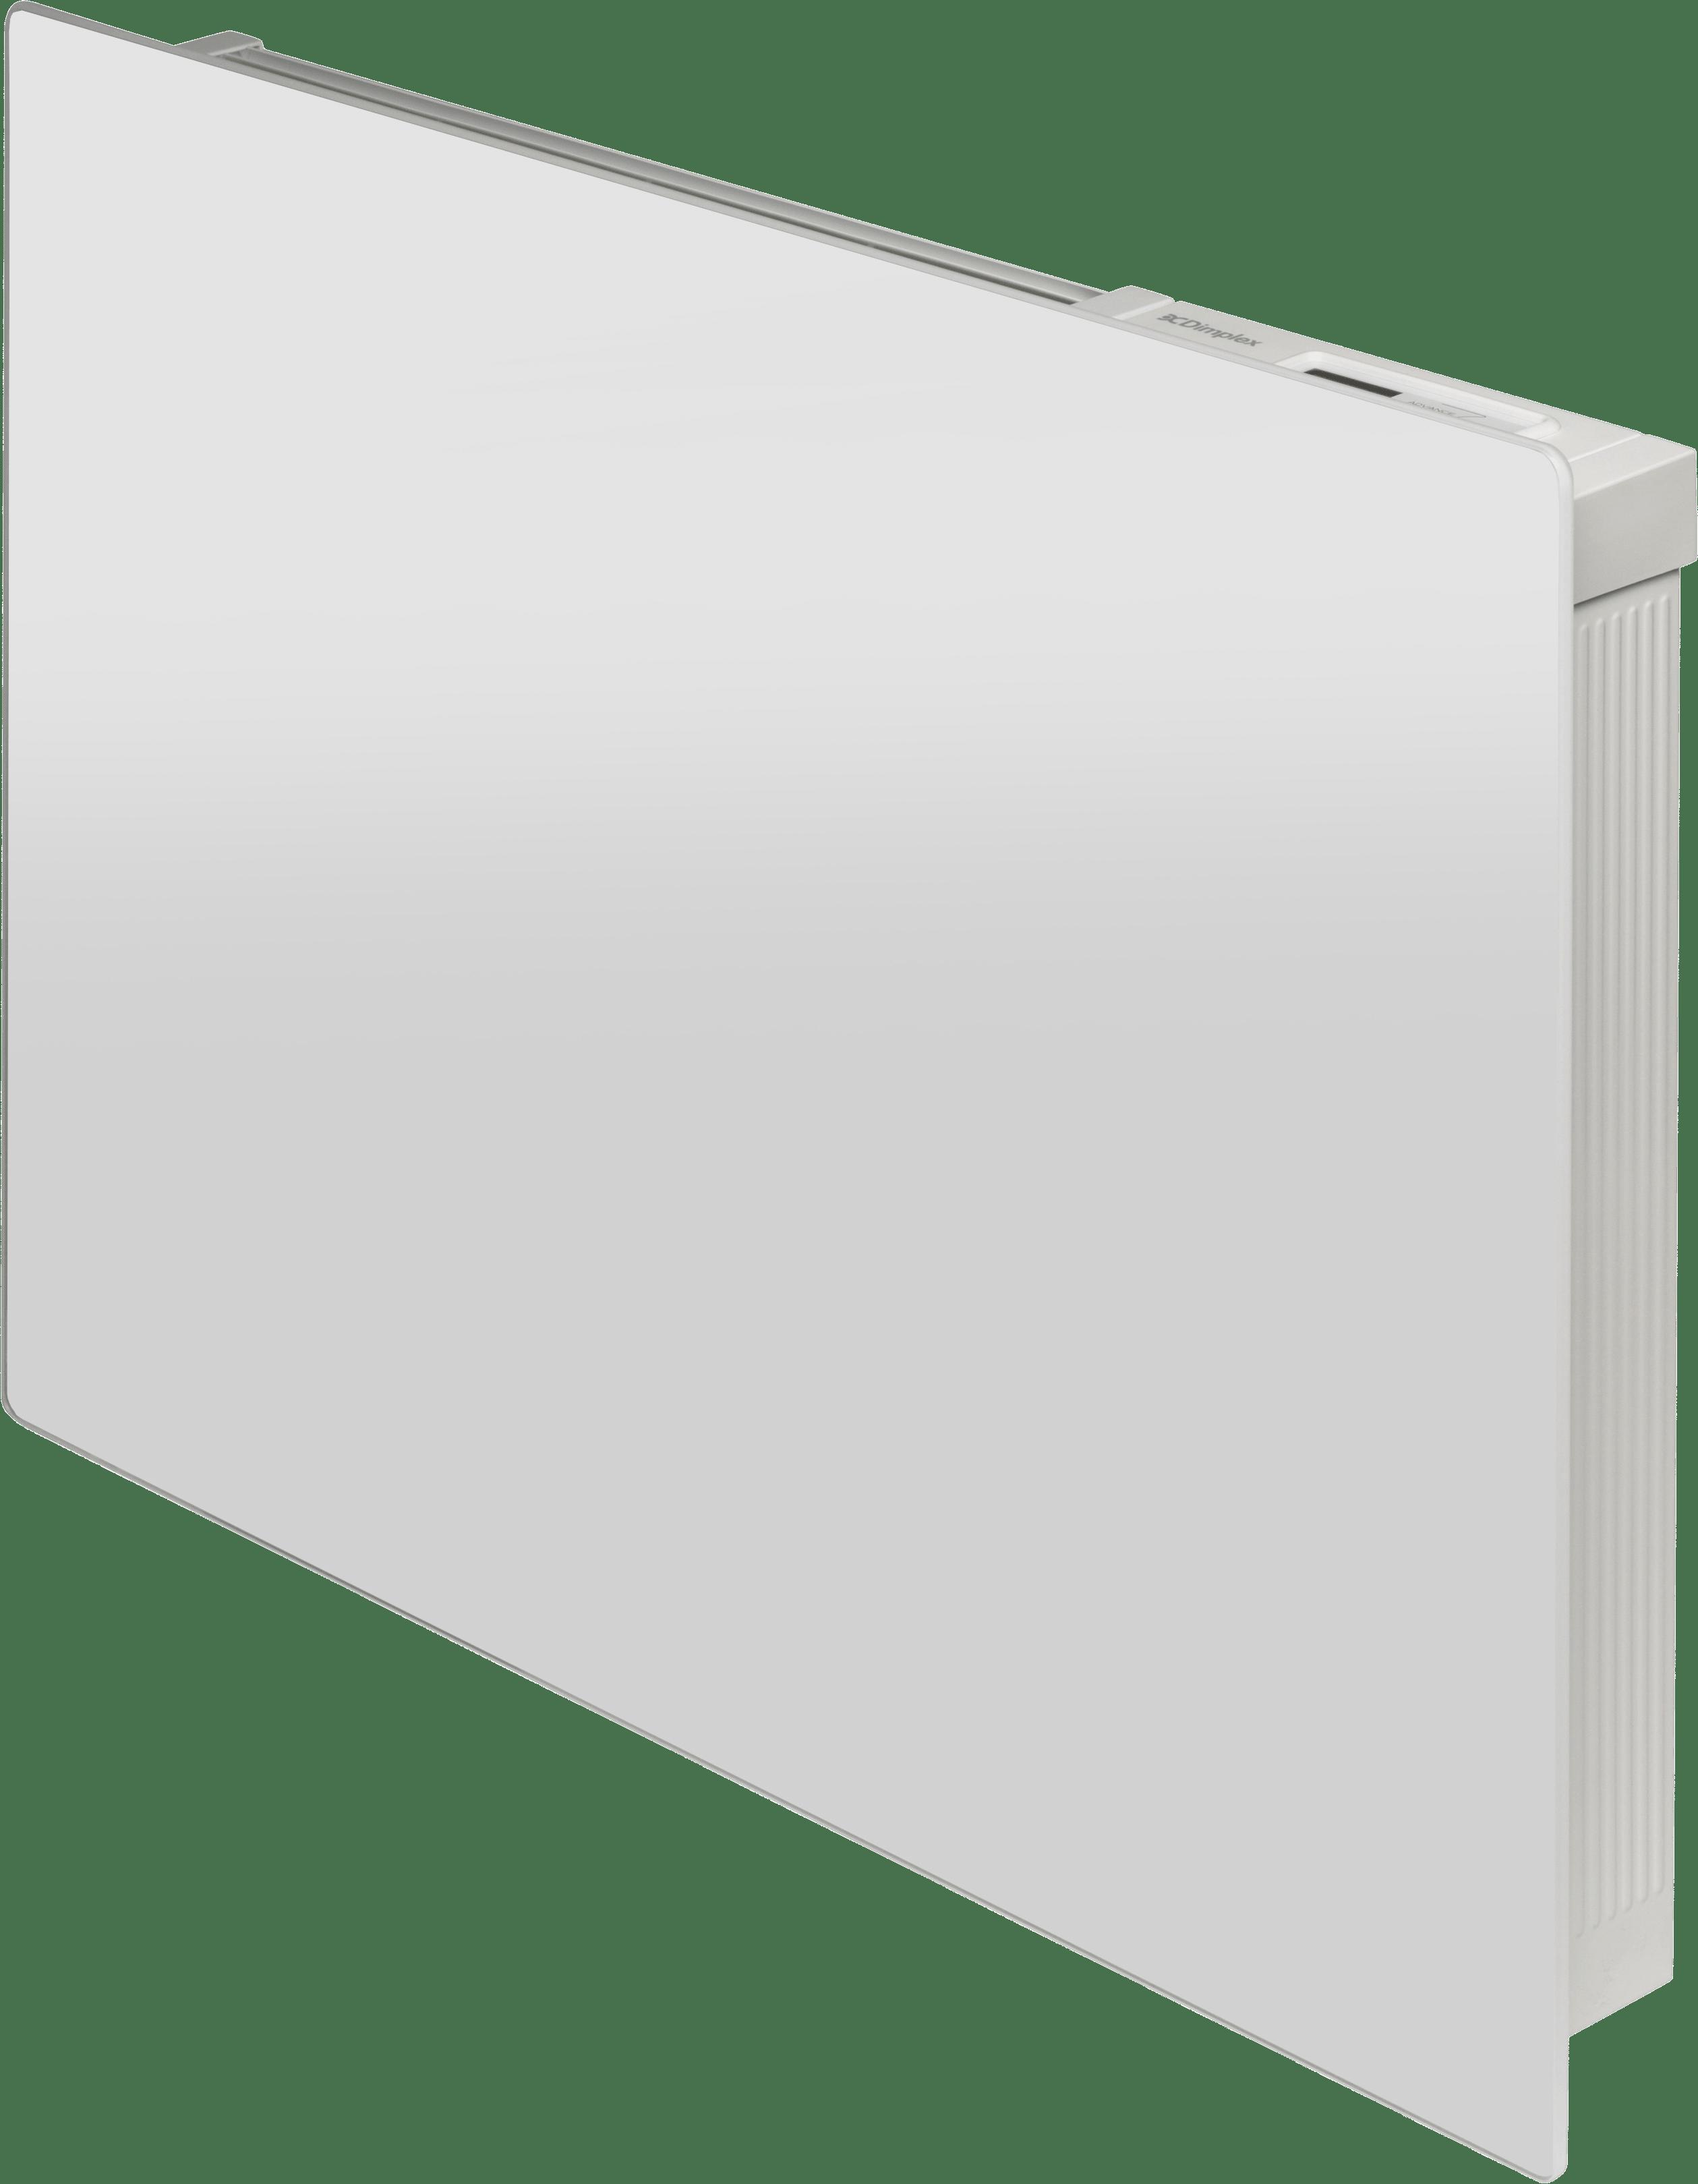 Monterey Panel Heater